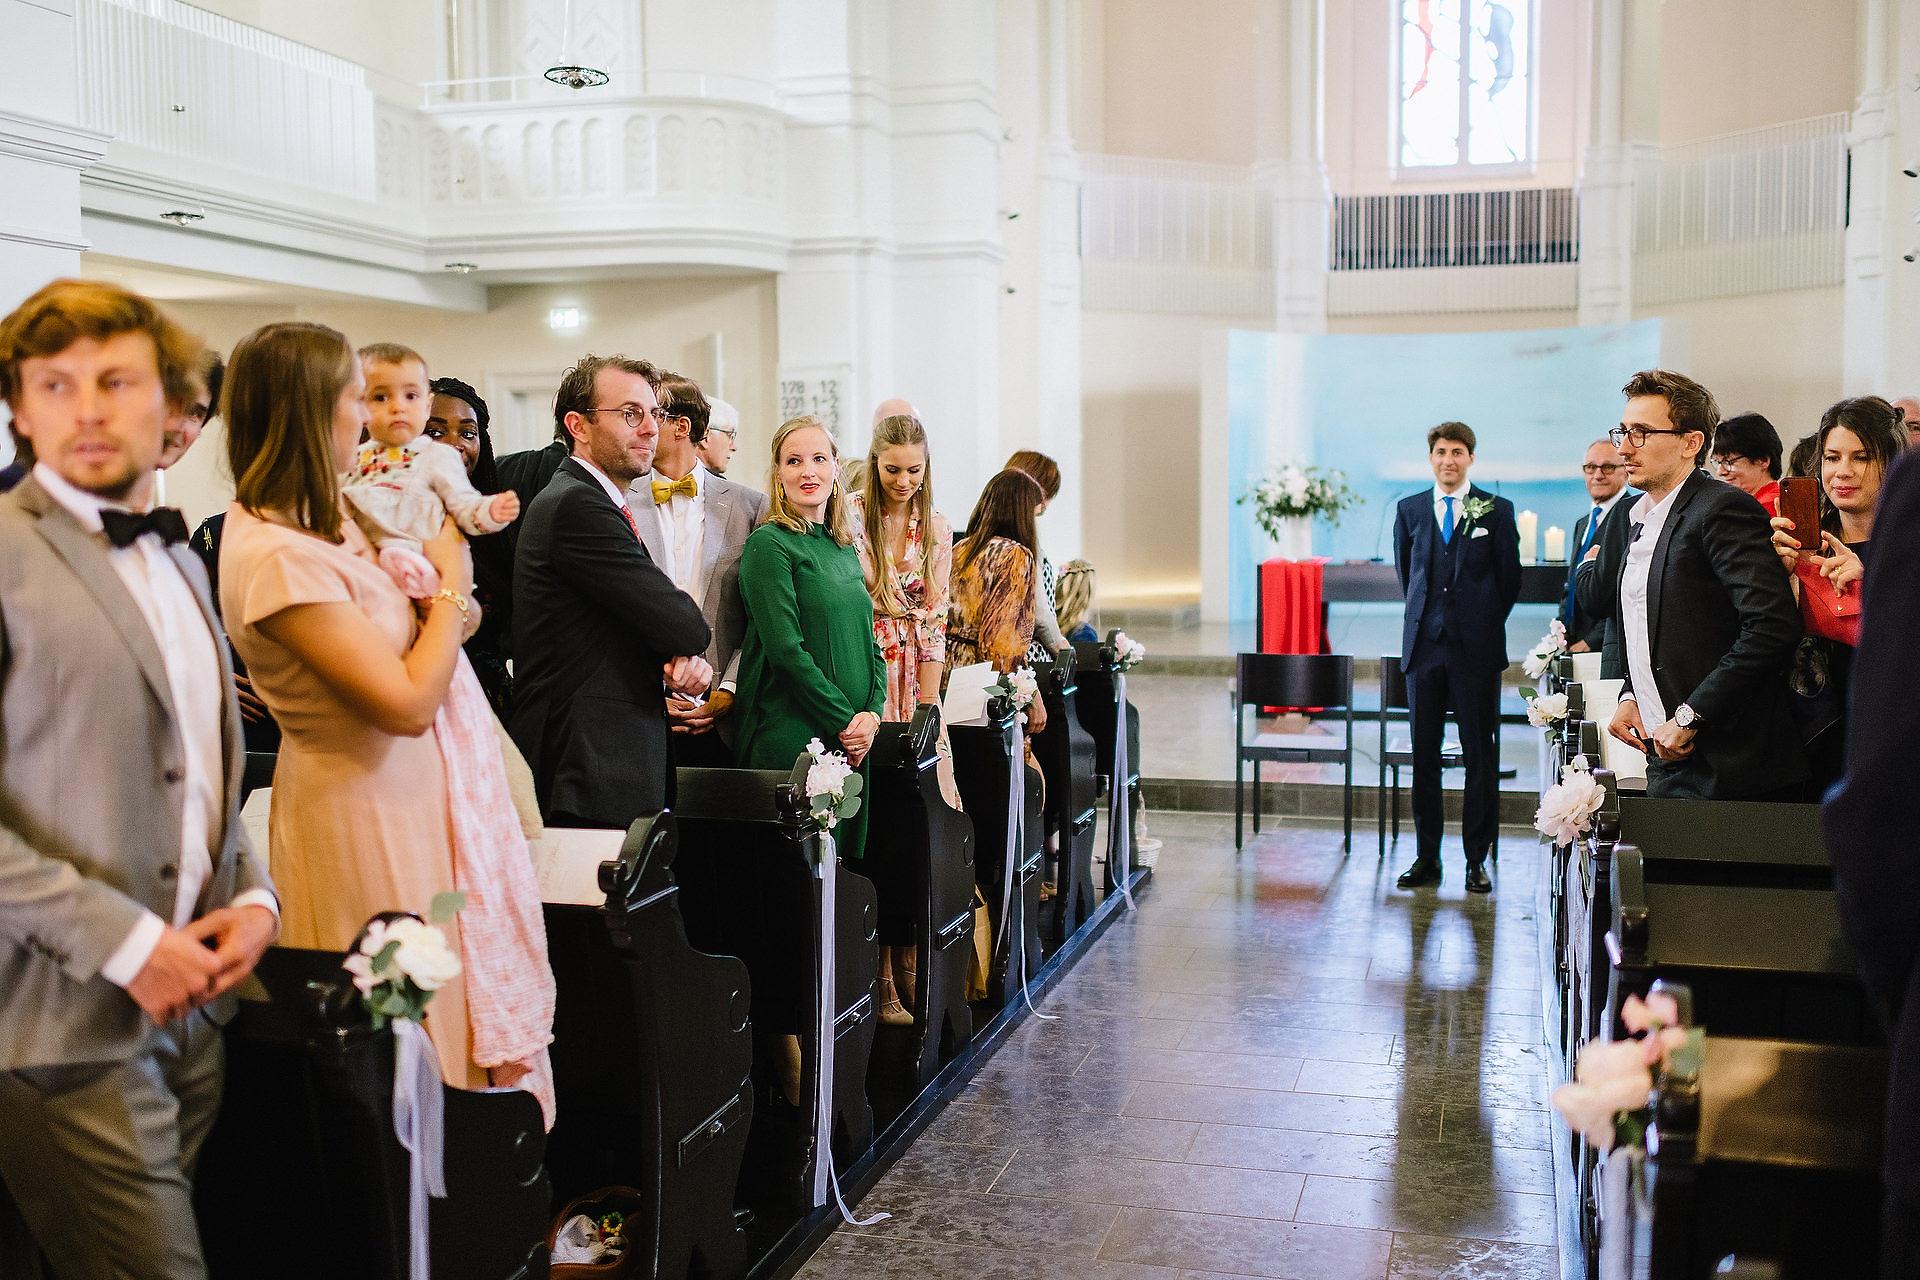 Fotograf Konstanz - Hochzeitsreportage Freiburg Hofgut Lilienhof Hochzeit Fotograf Konstanz 10 - Hochzeit in Freiburg und Hofgut Lilienhof  - 10 -